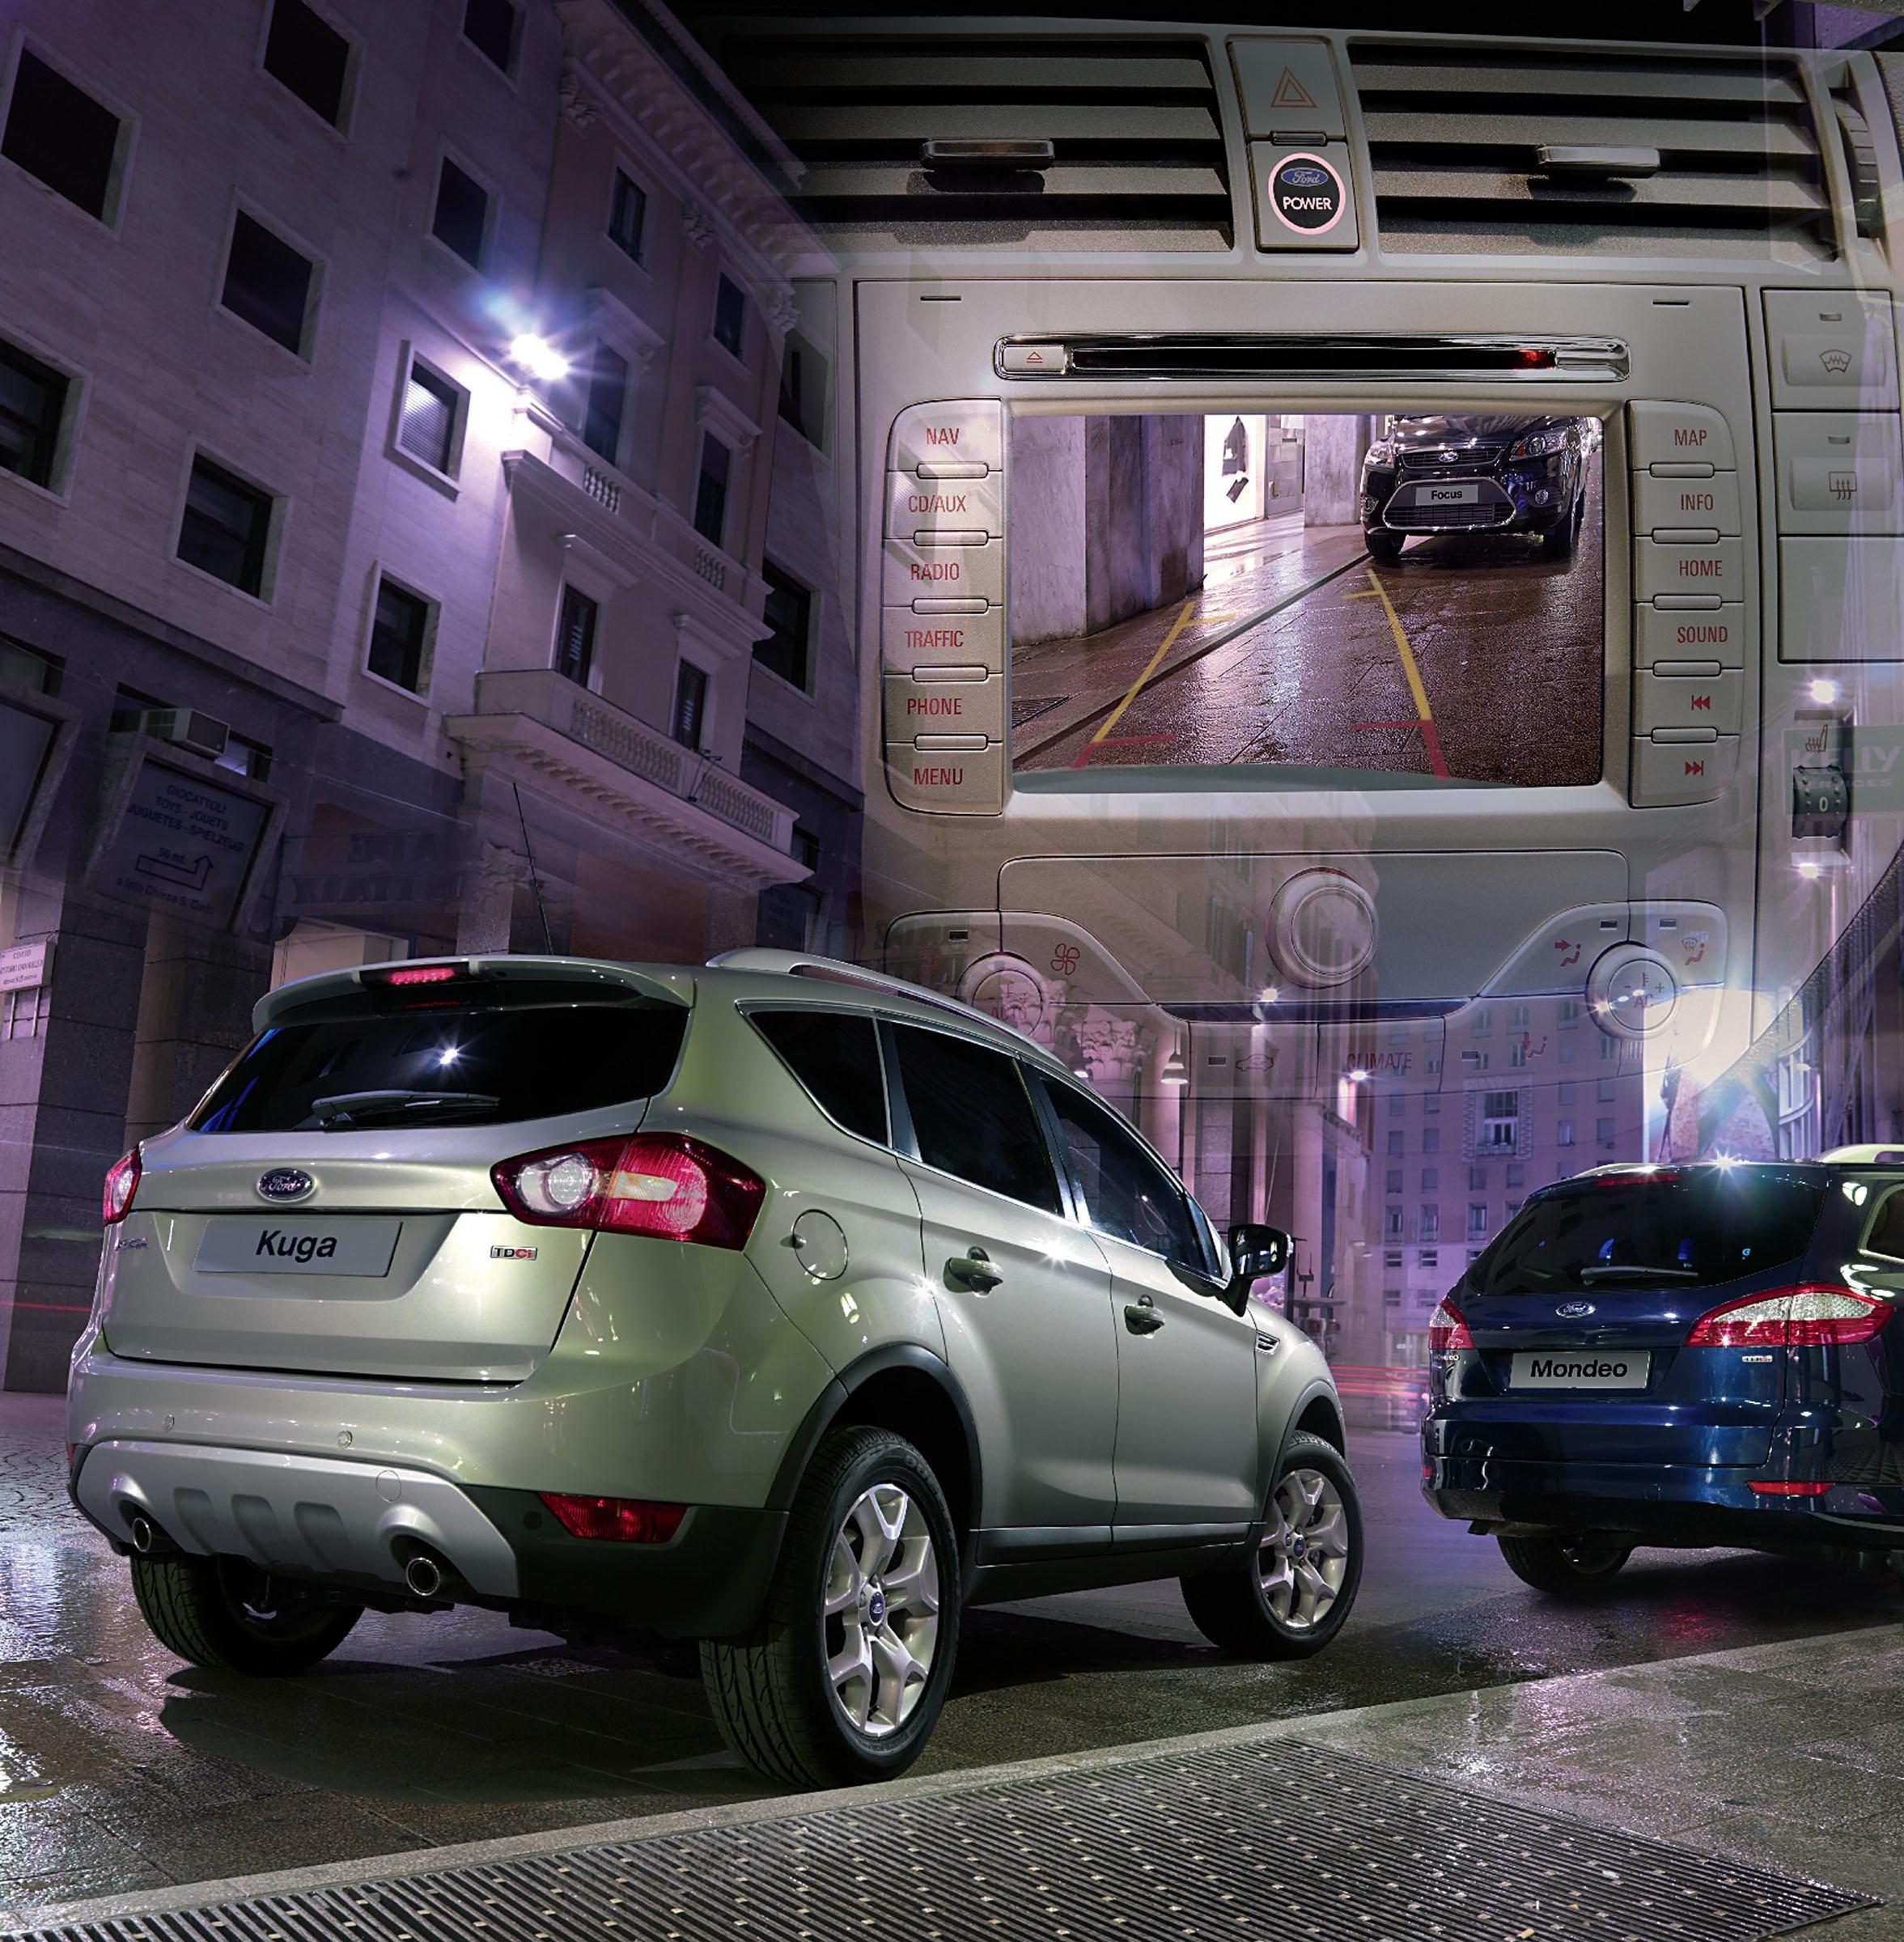 Ford Kuga rear-view parking camera